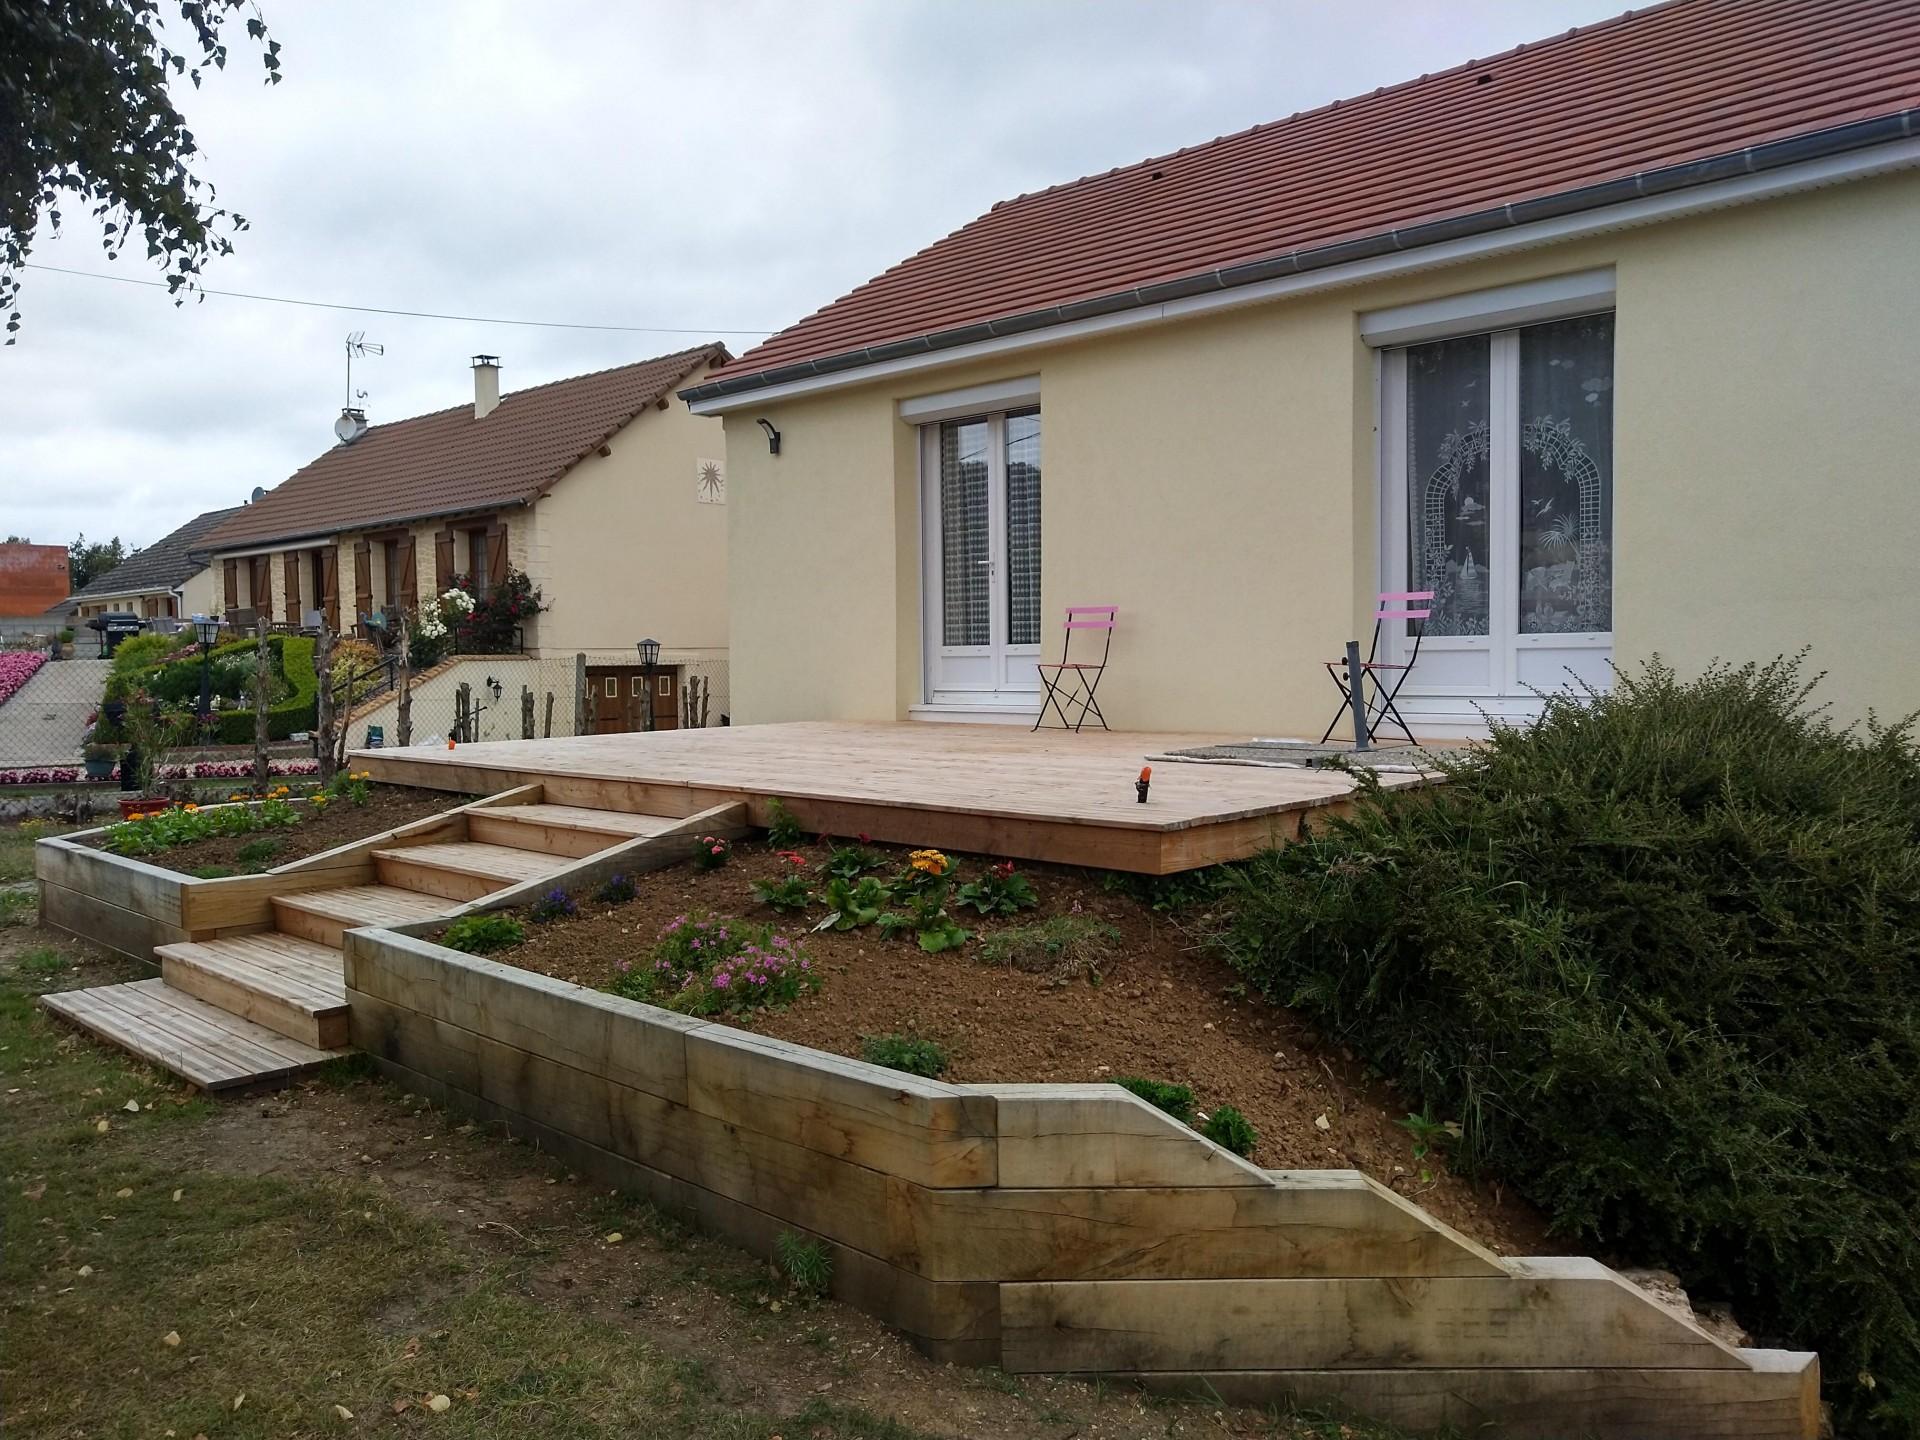 Aménagement des pourtours de la terrasse en traverses paysagères et création d'un escalier